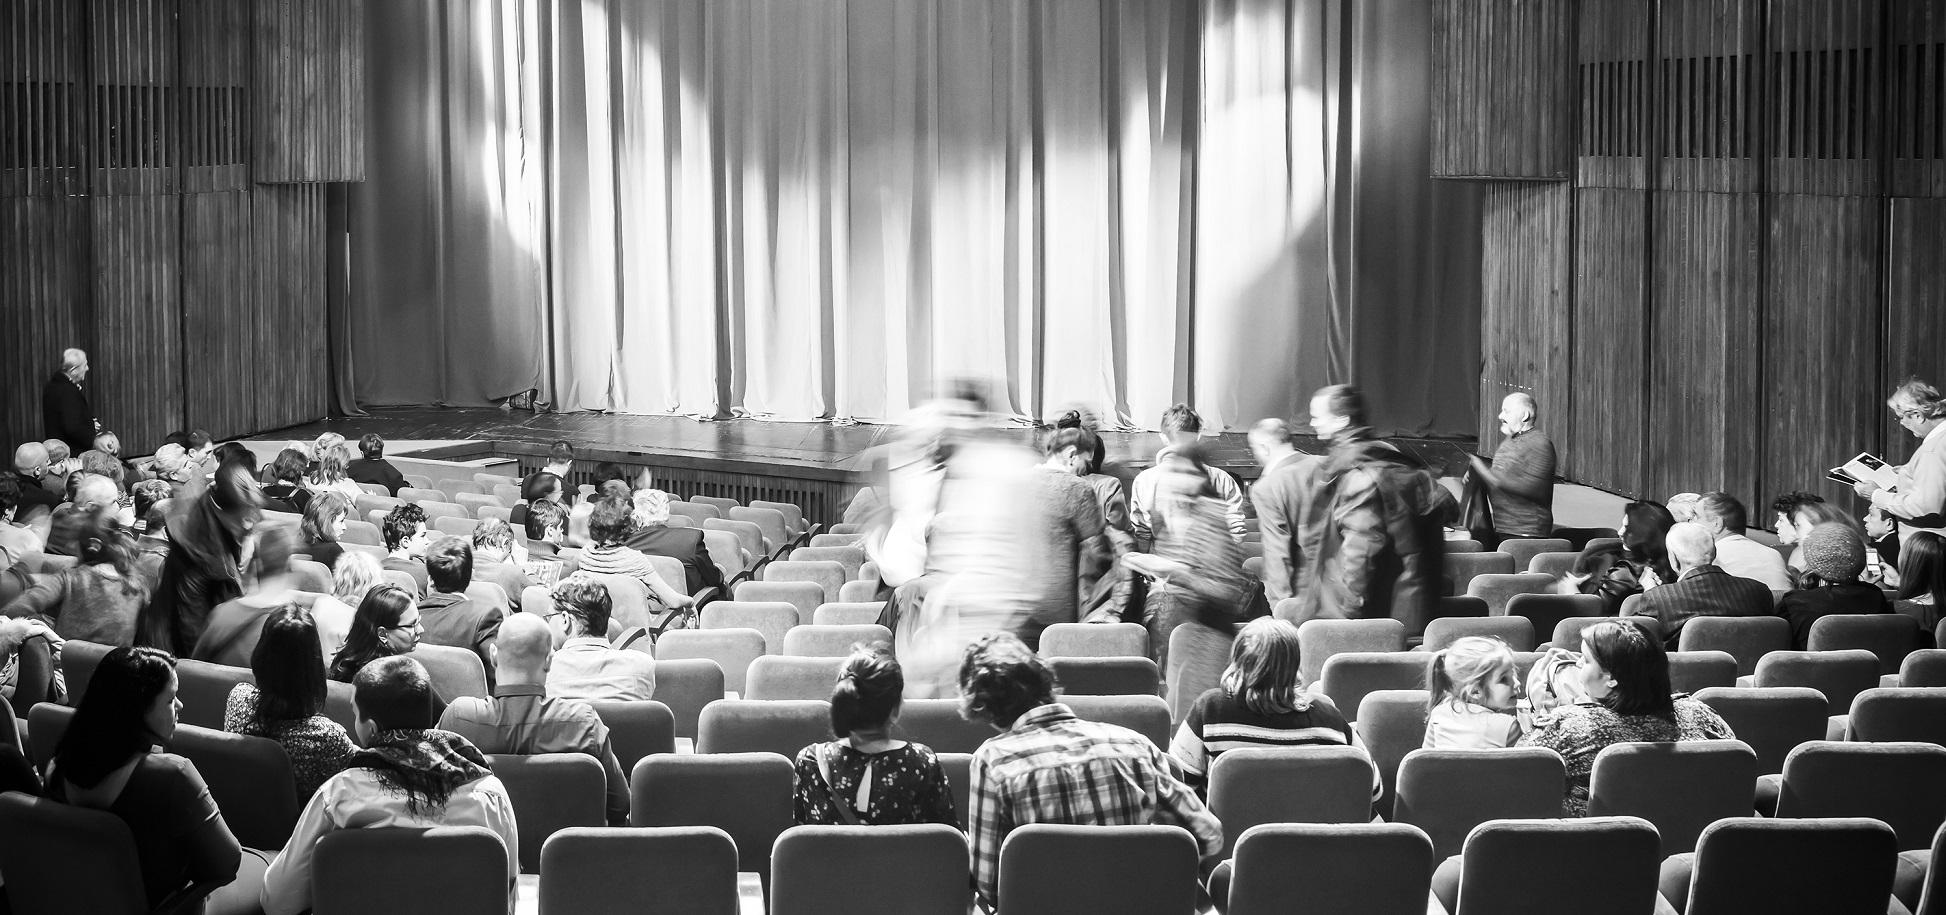 Olorvisión: la carrera por dotar al cine de un tercer sentido